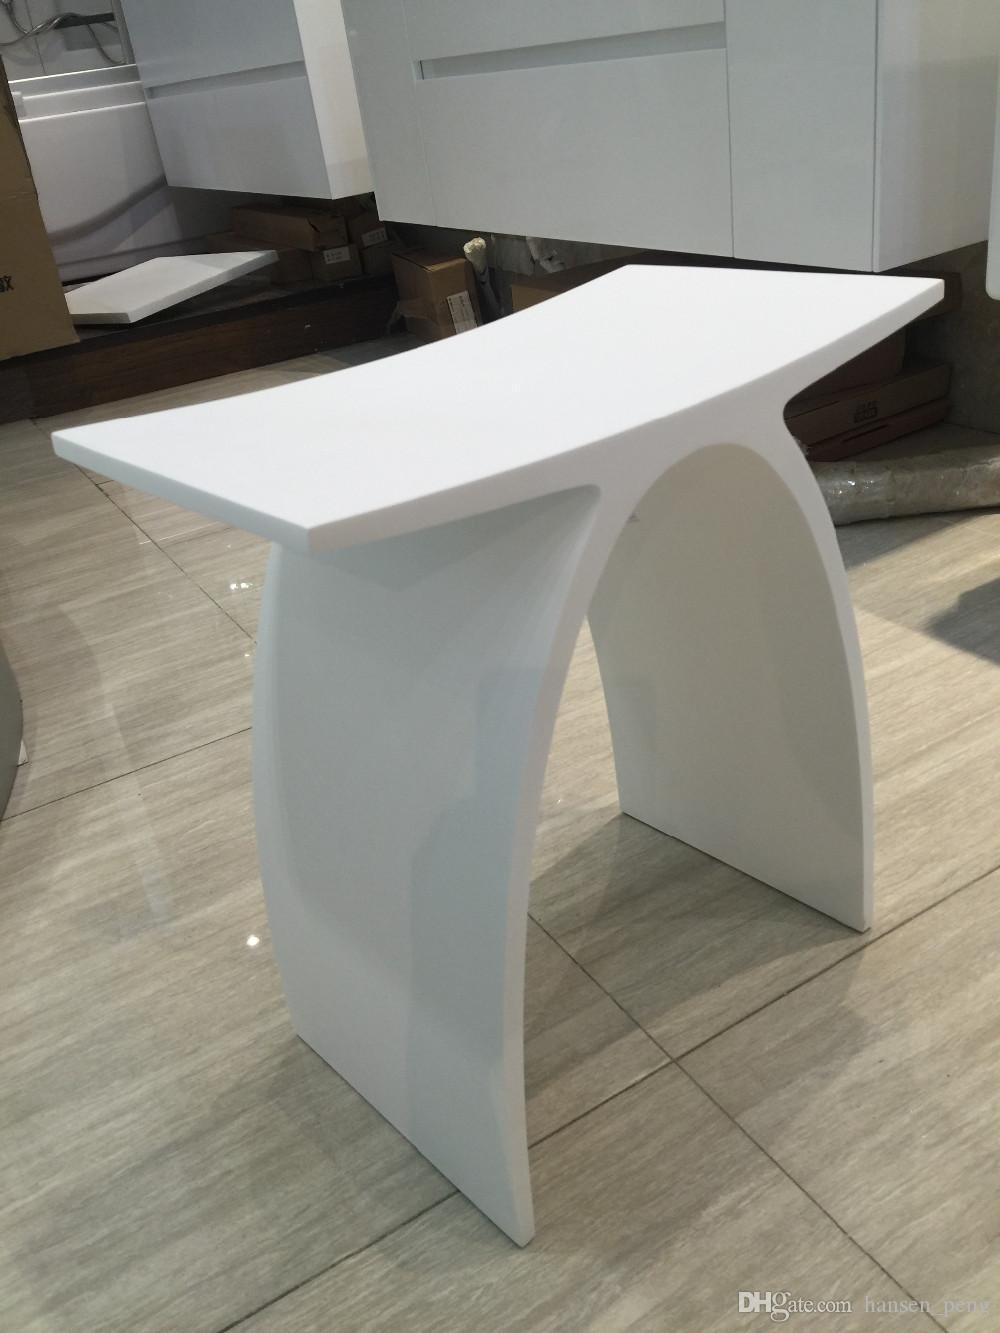 Großhandel New Matte Moderne Gebogene Design Badezimmer Sitz Dusche Hocker  Matt White Acryl Solid Surface Sauna Stühle 8 Von Hansen_peng, 8,8 €